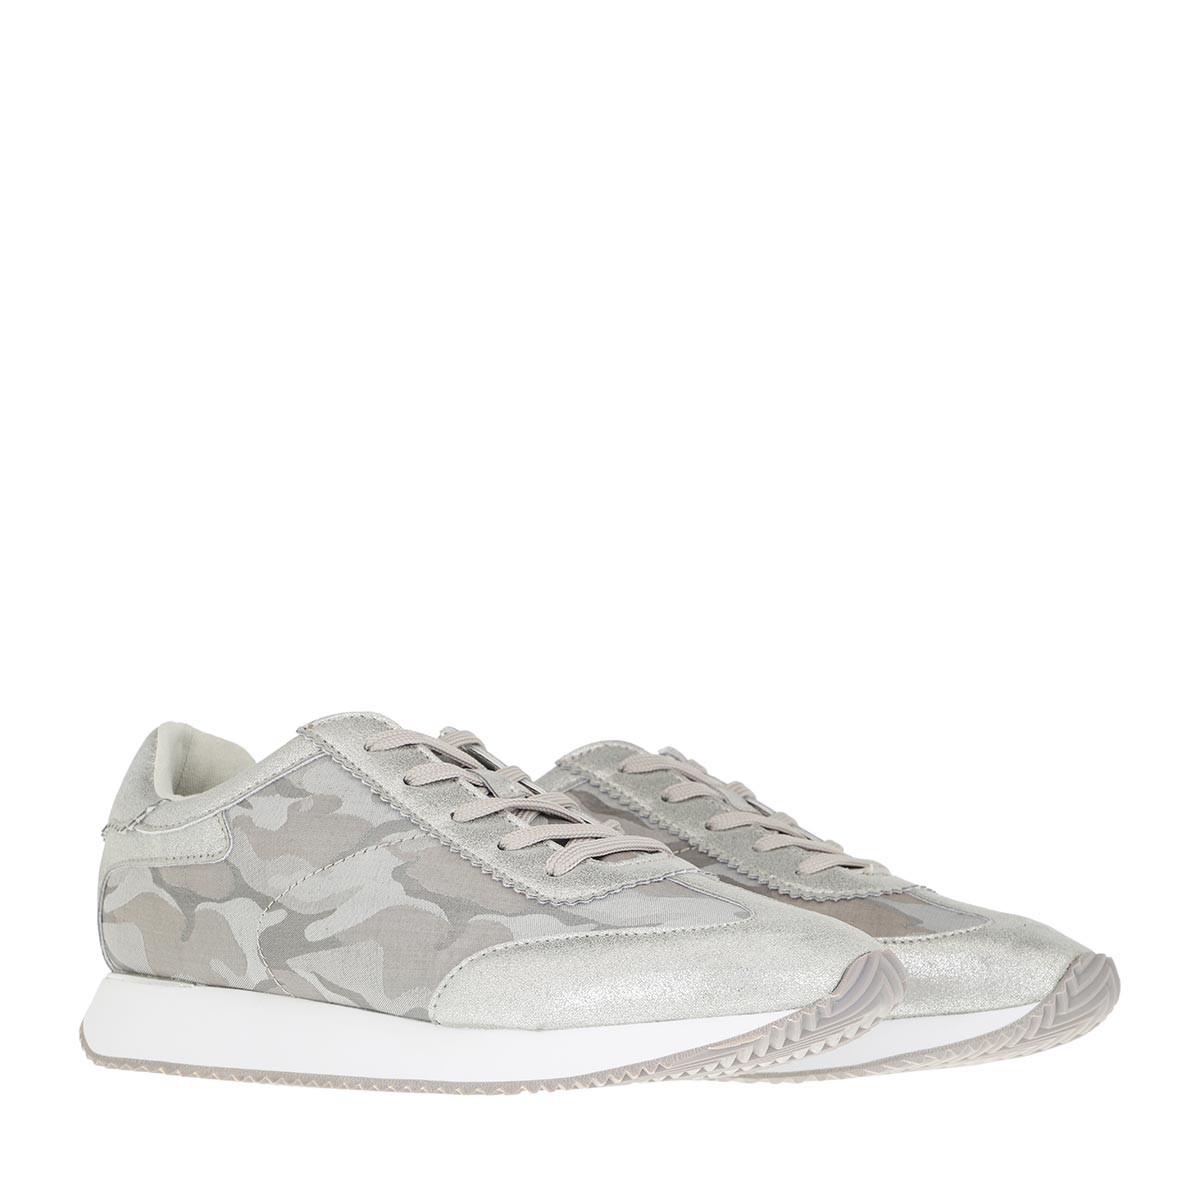 DKNY Sneakers - Arlie Slip On Sneaker Silver - in silber - für Damen